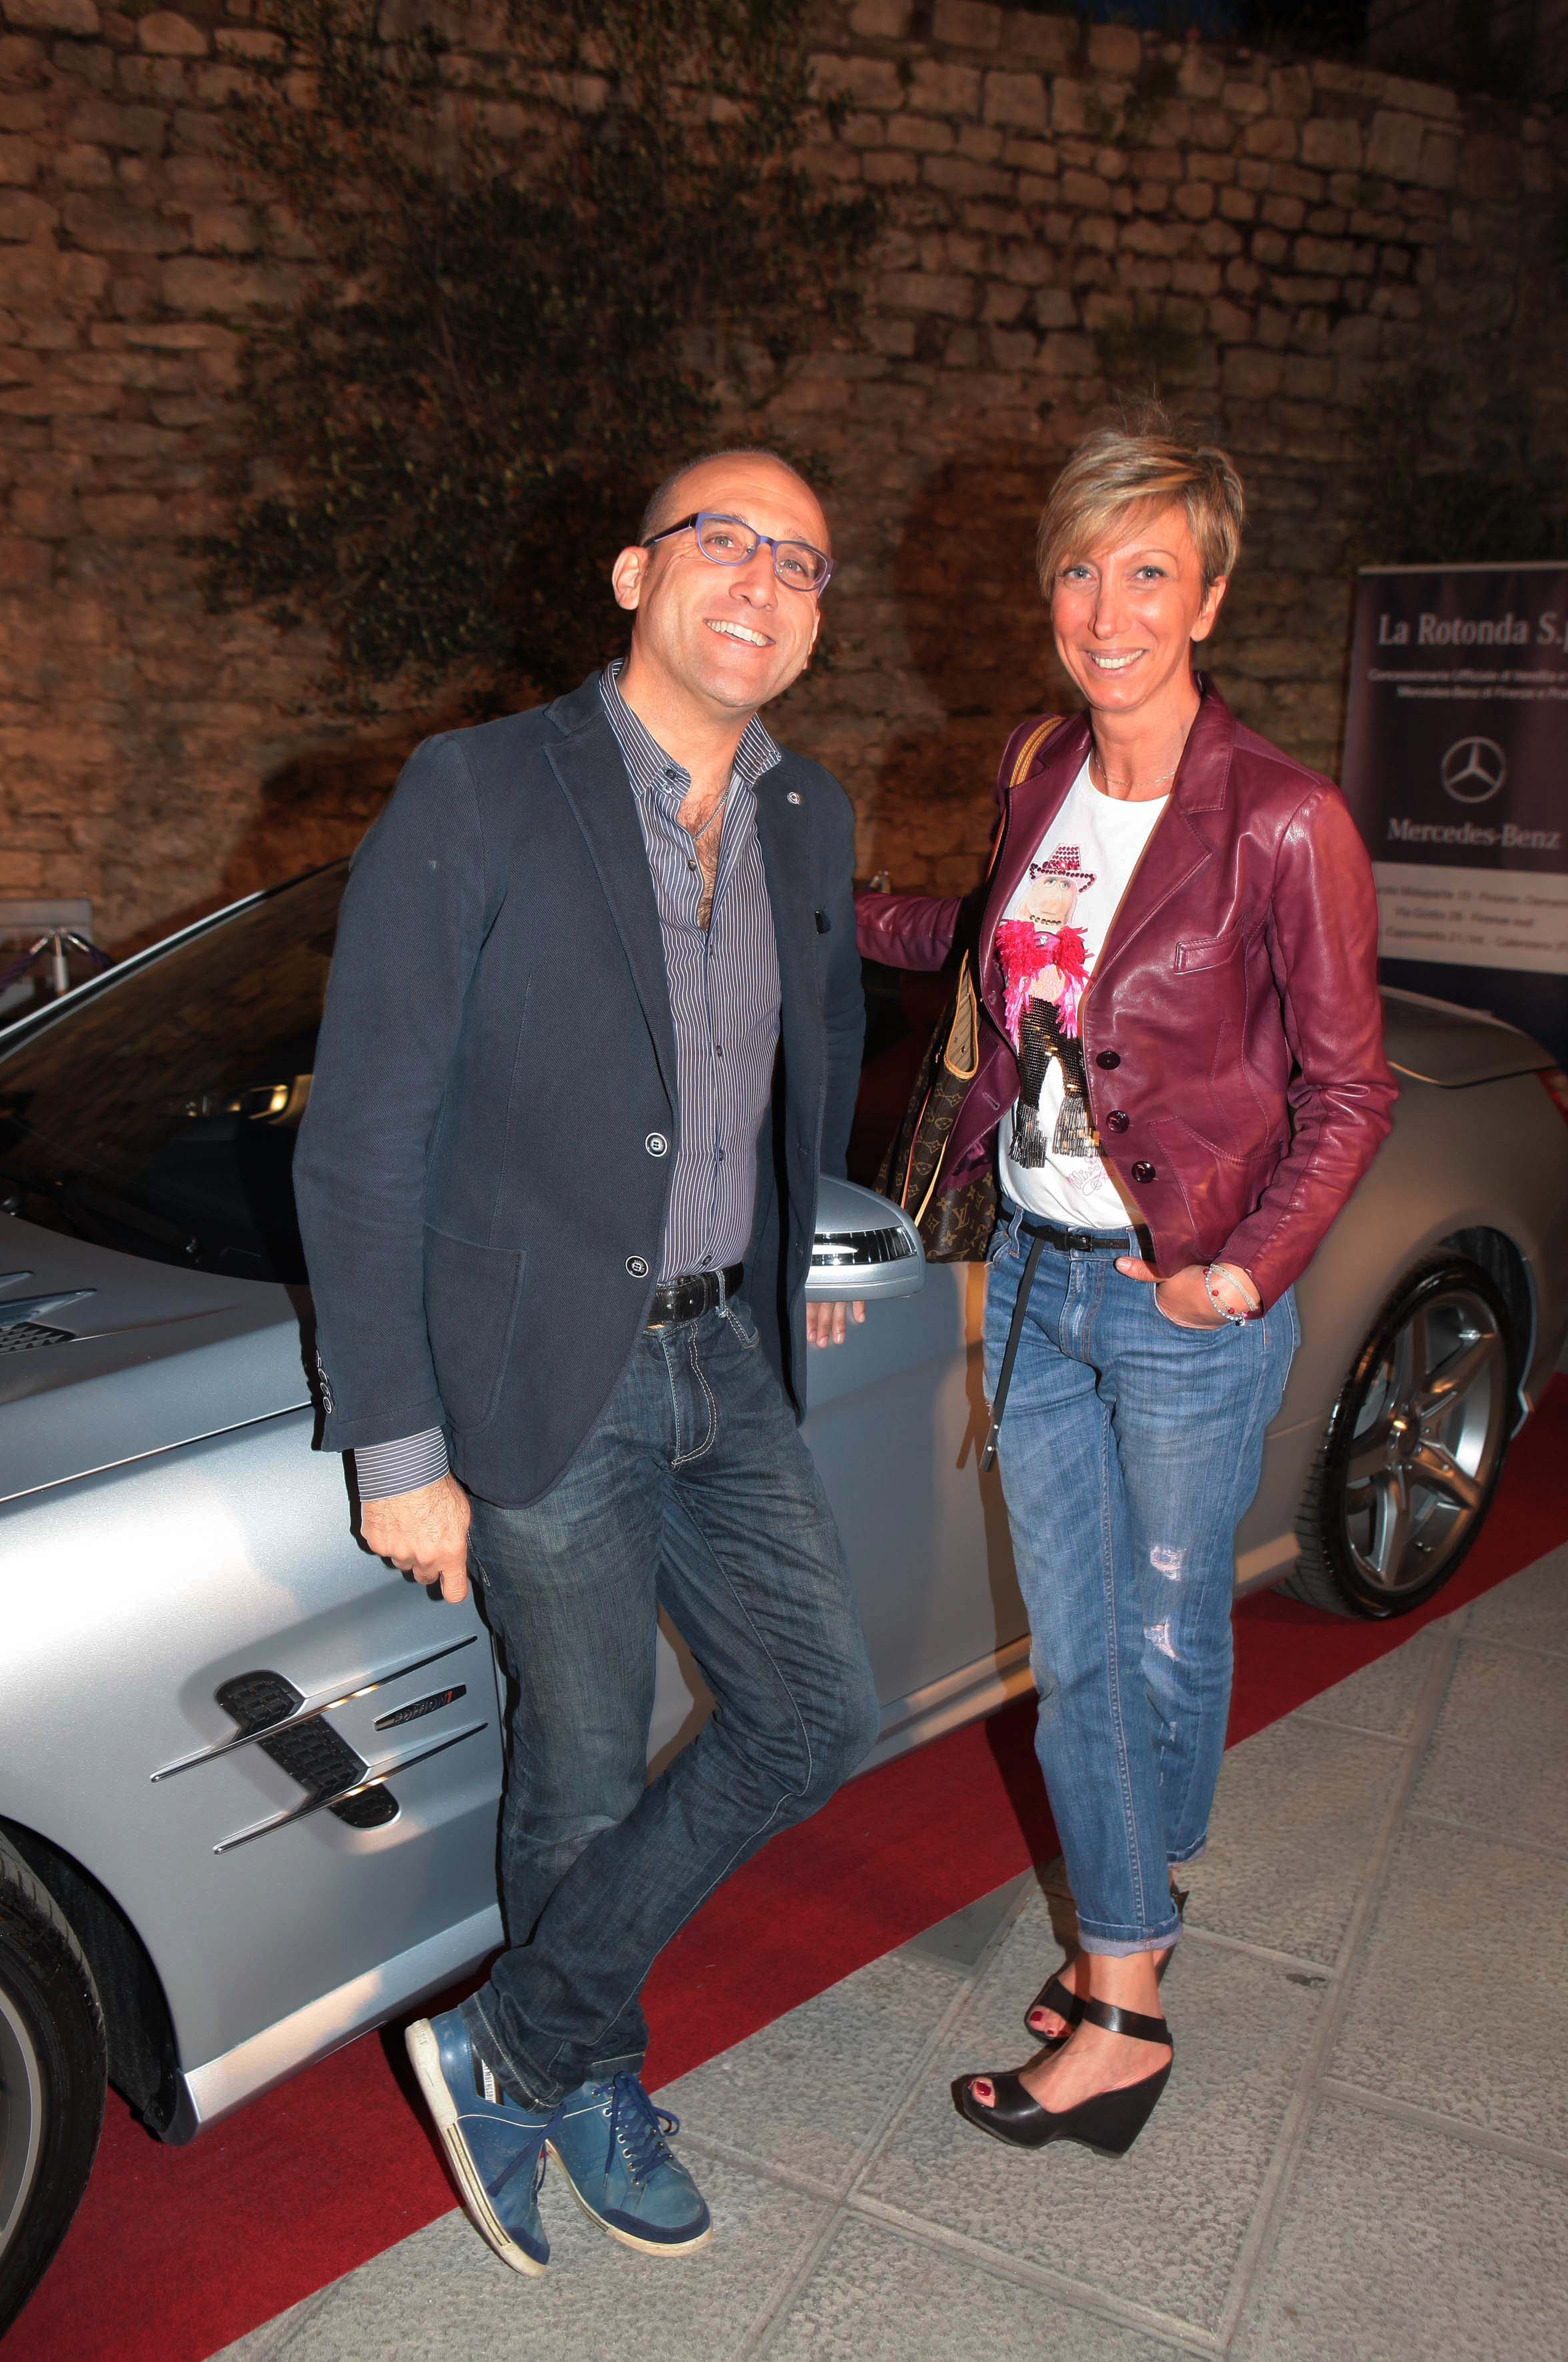 Pressphoto-Firenzemagazine-  Prato Opificio, serata Mercedes- nella foto: Simona Attucci, Massimiliano Maggini